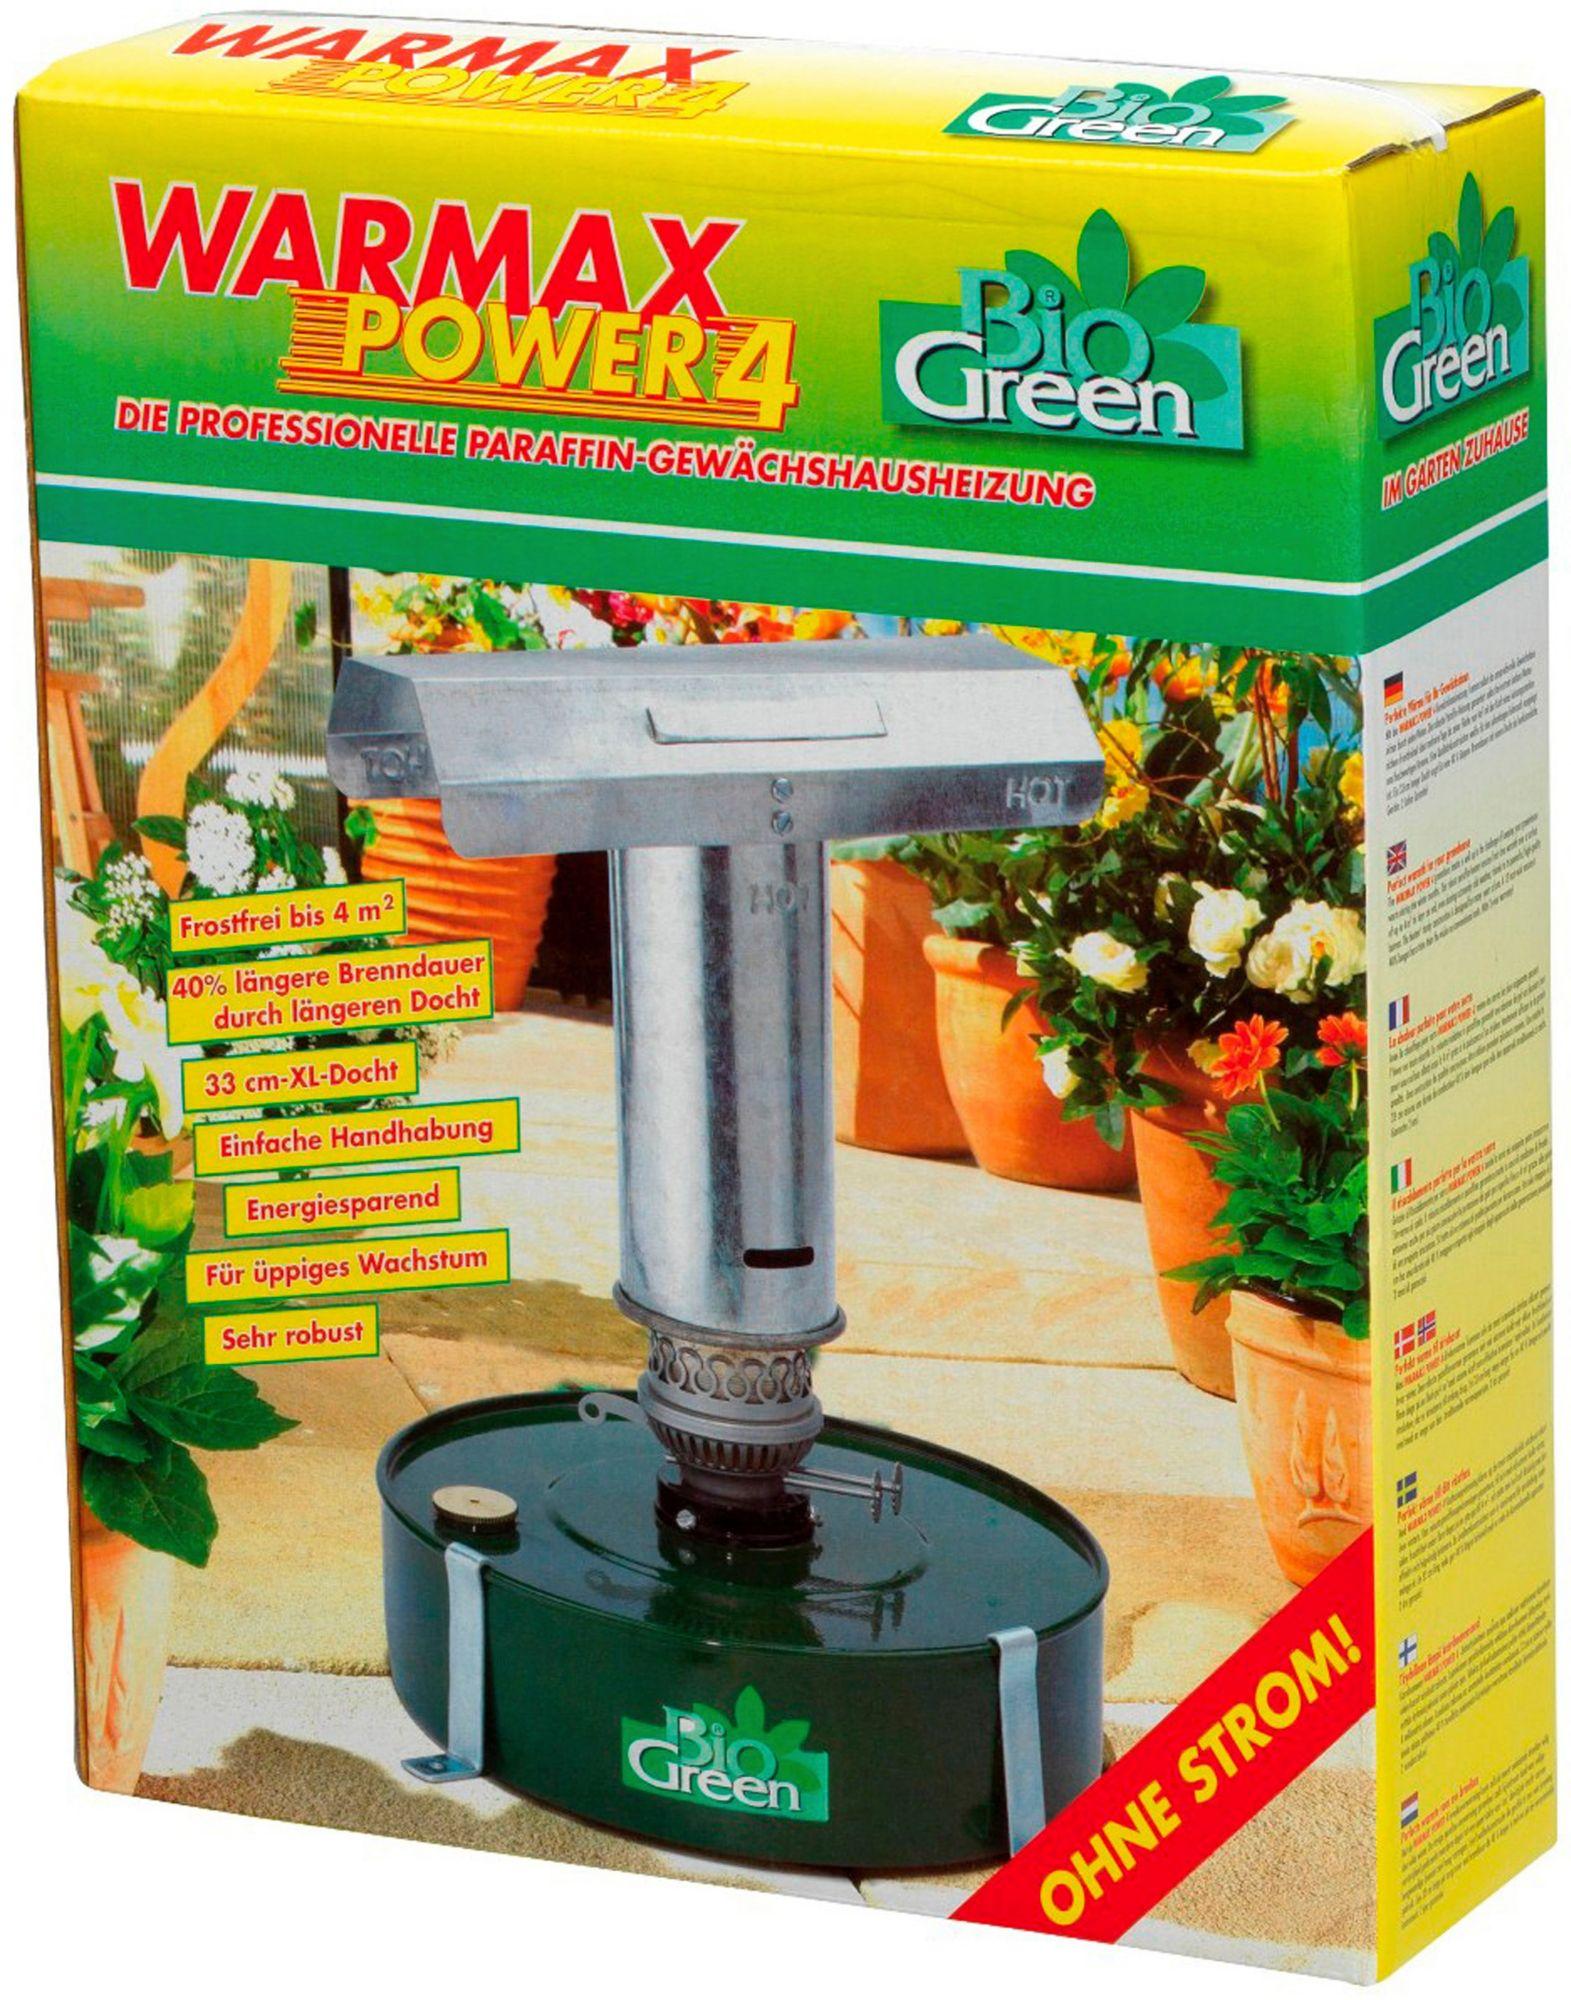 BIOGREEN Biogreen Petroleumheizung »Warmax Power 4«, für Gewächshäuser bis 4 m²